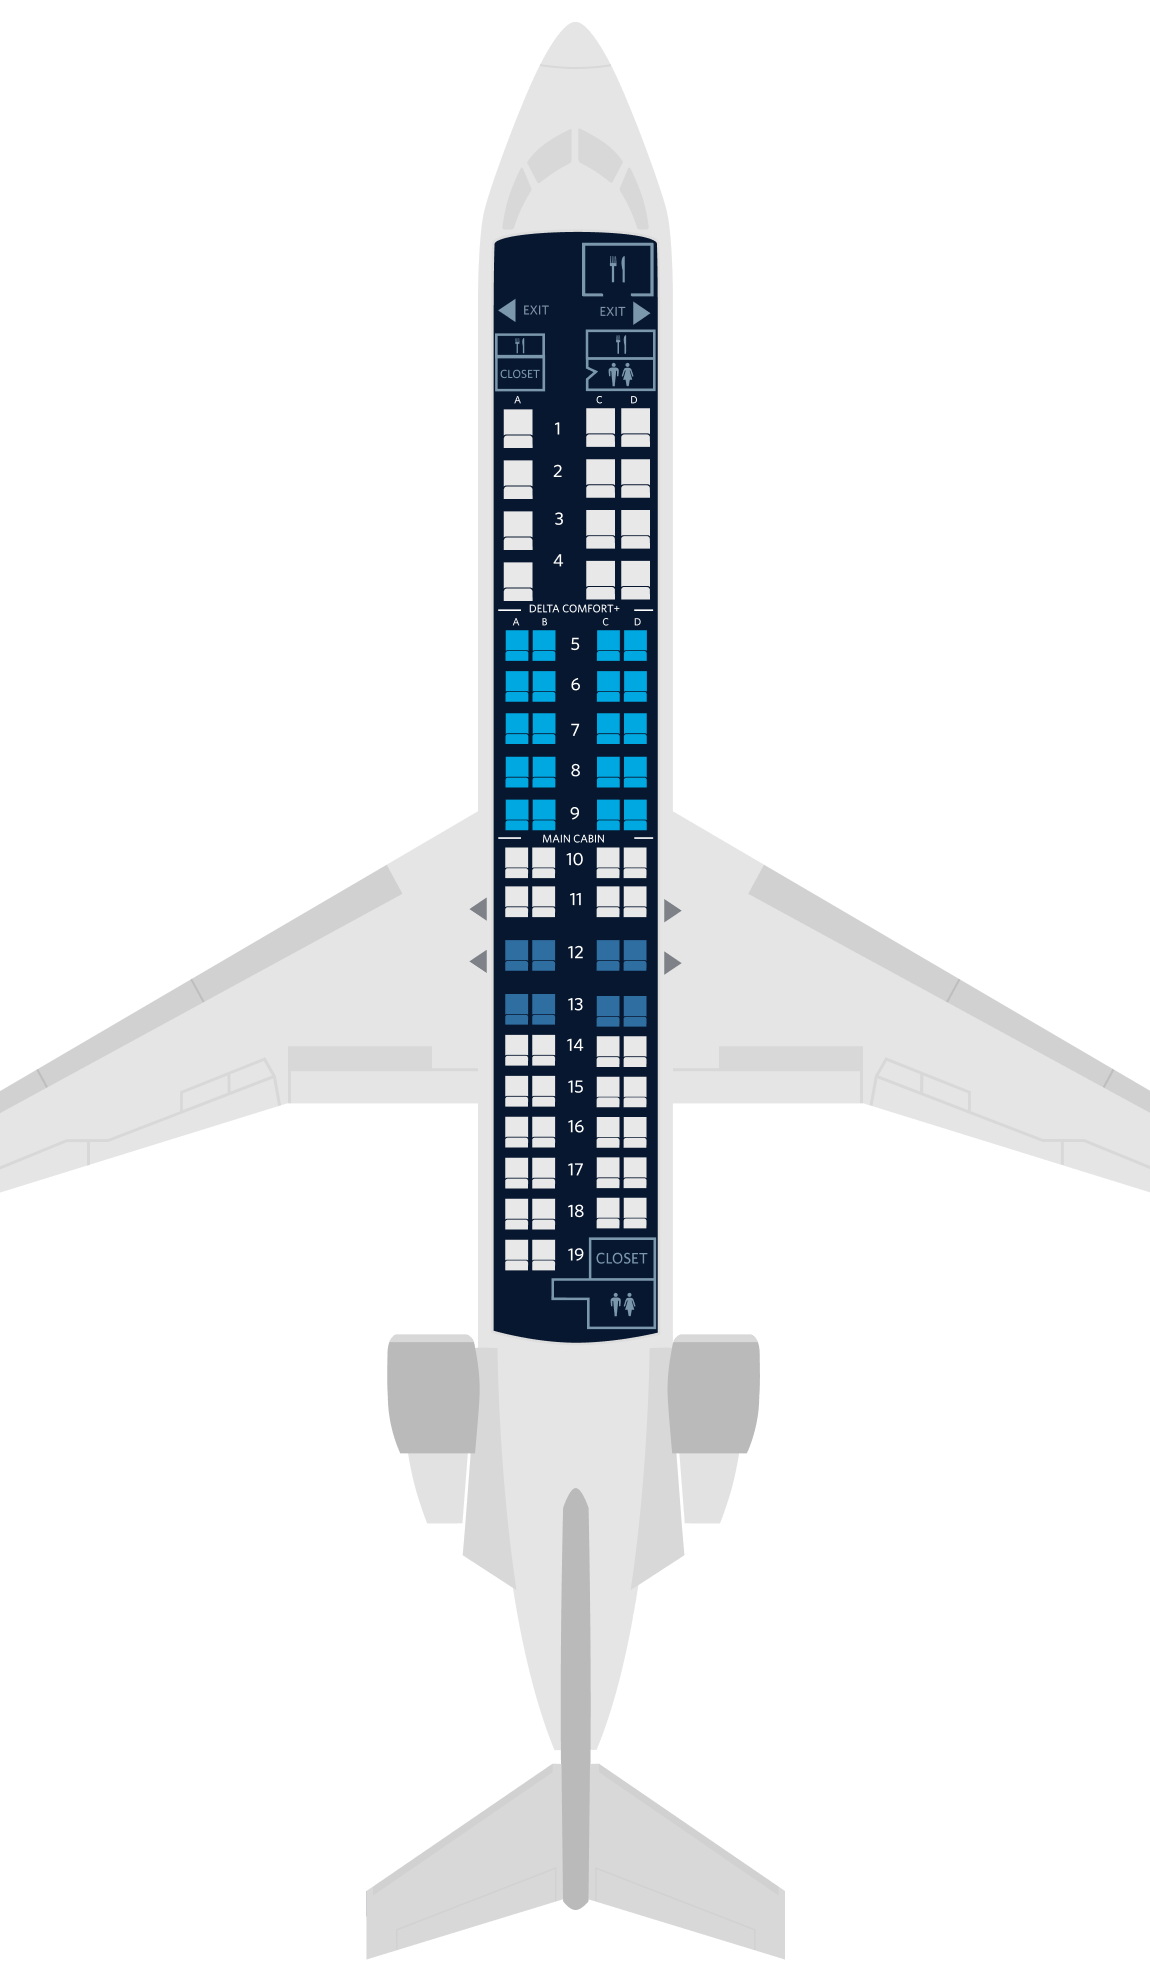 无线网络_庞巴迪CRJ-900飞机座位地图、规格和服务设施:达美航空公司